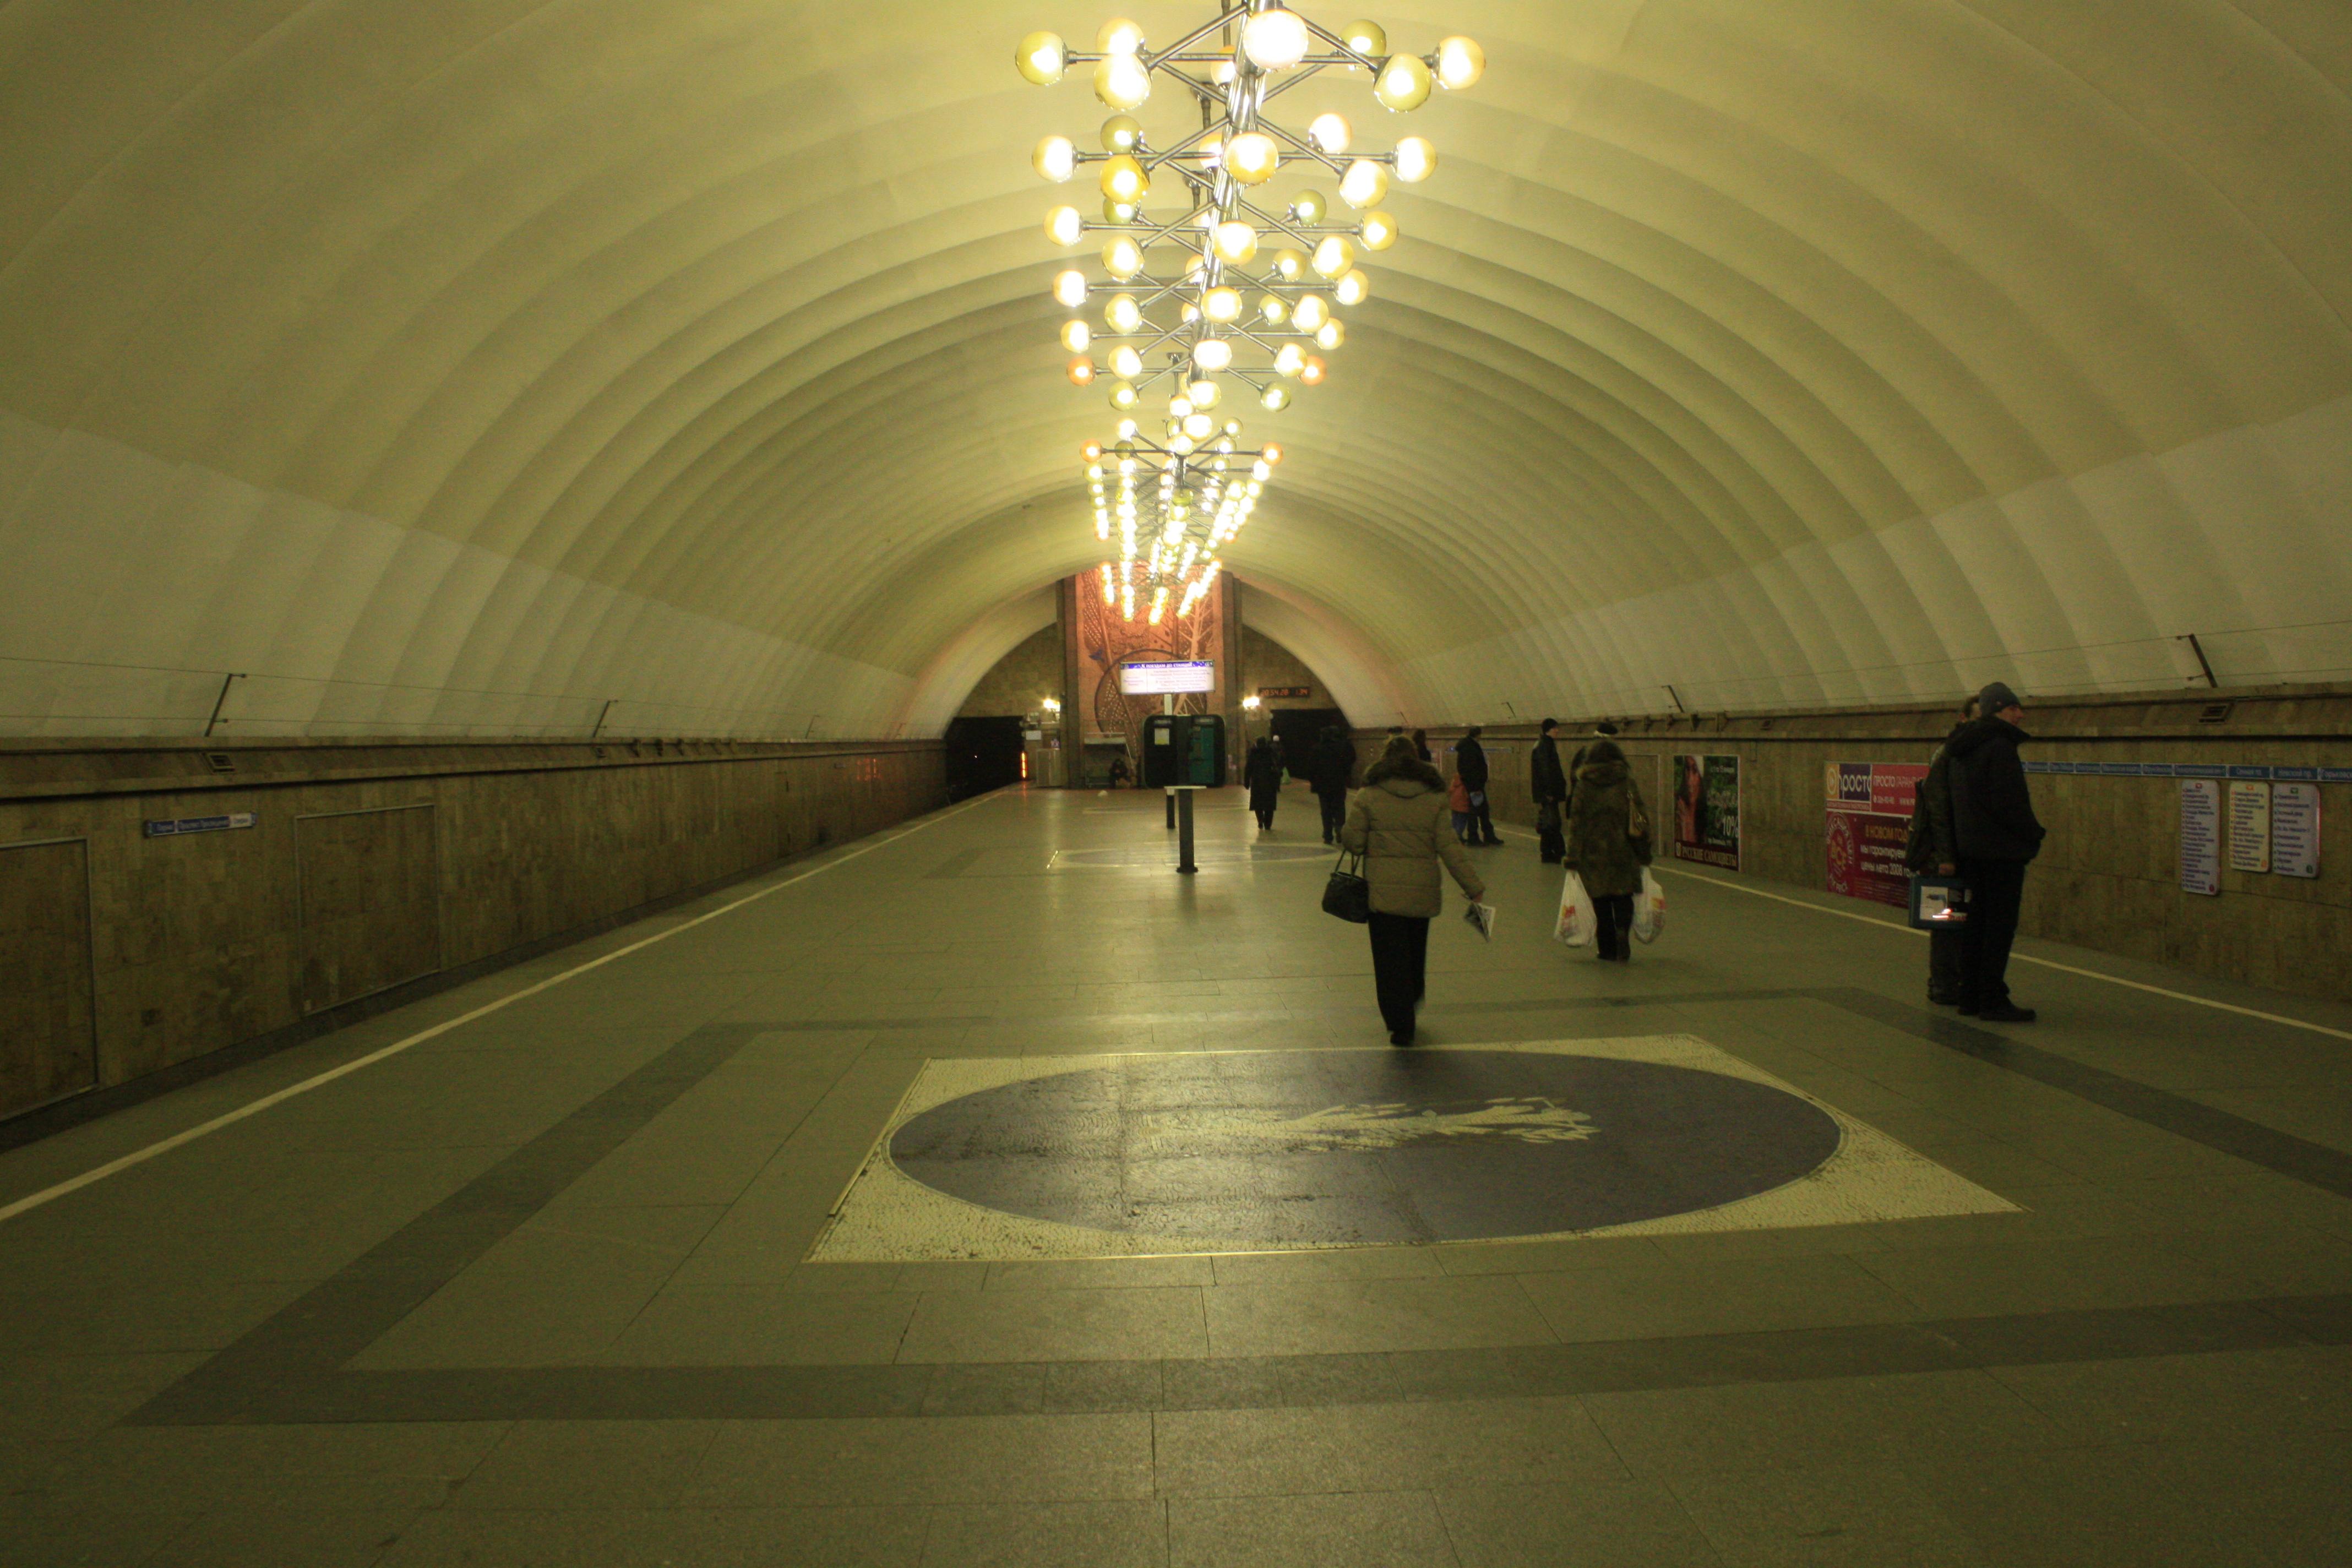 Санкт петербург досуг для мужчин 19 фотография